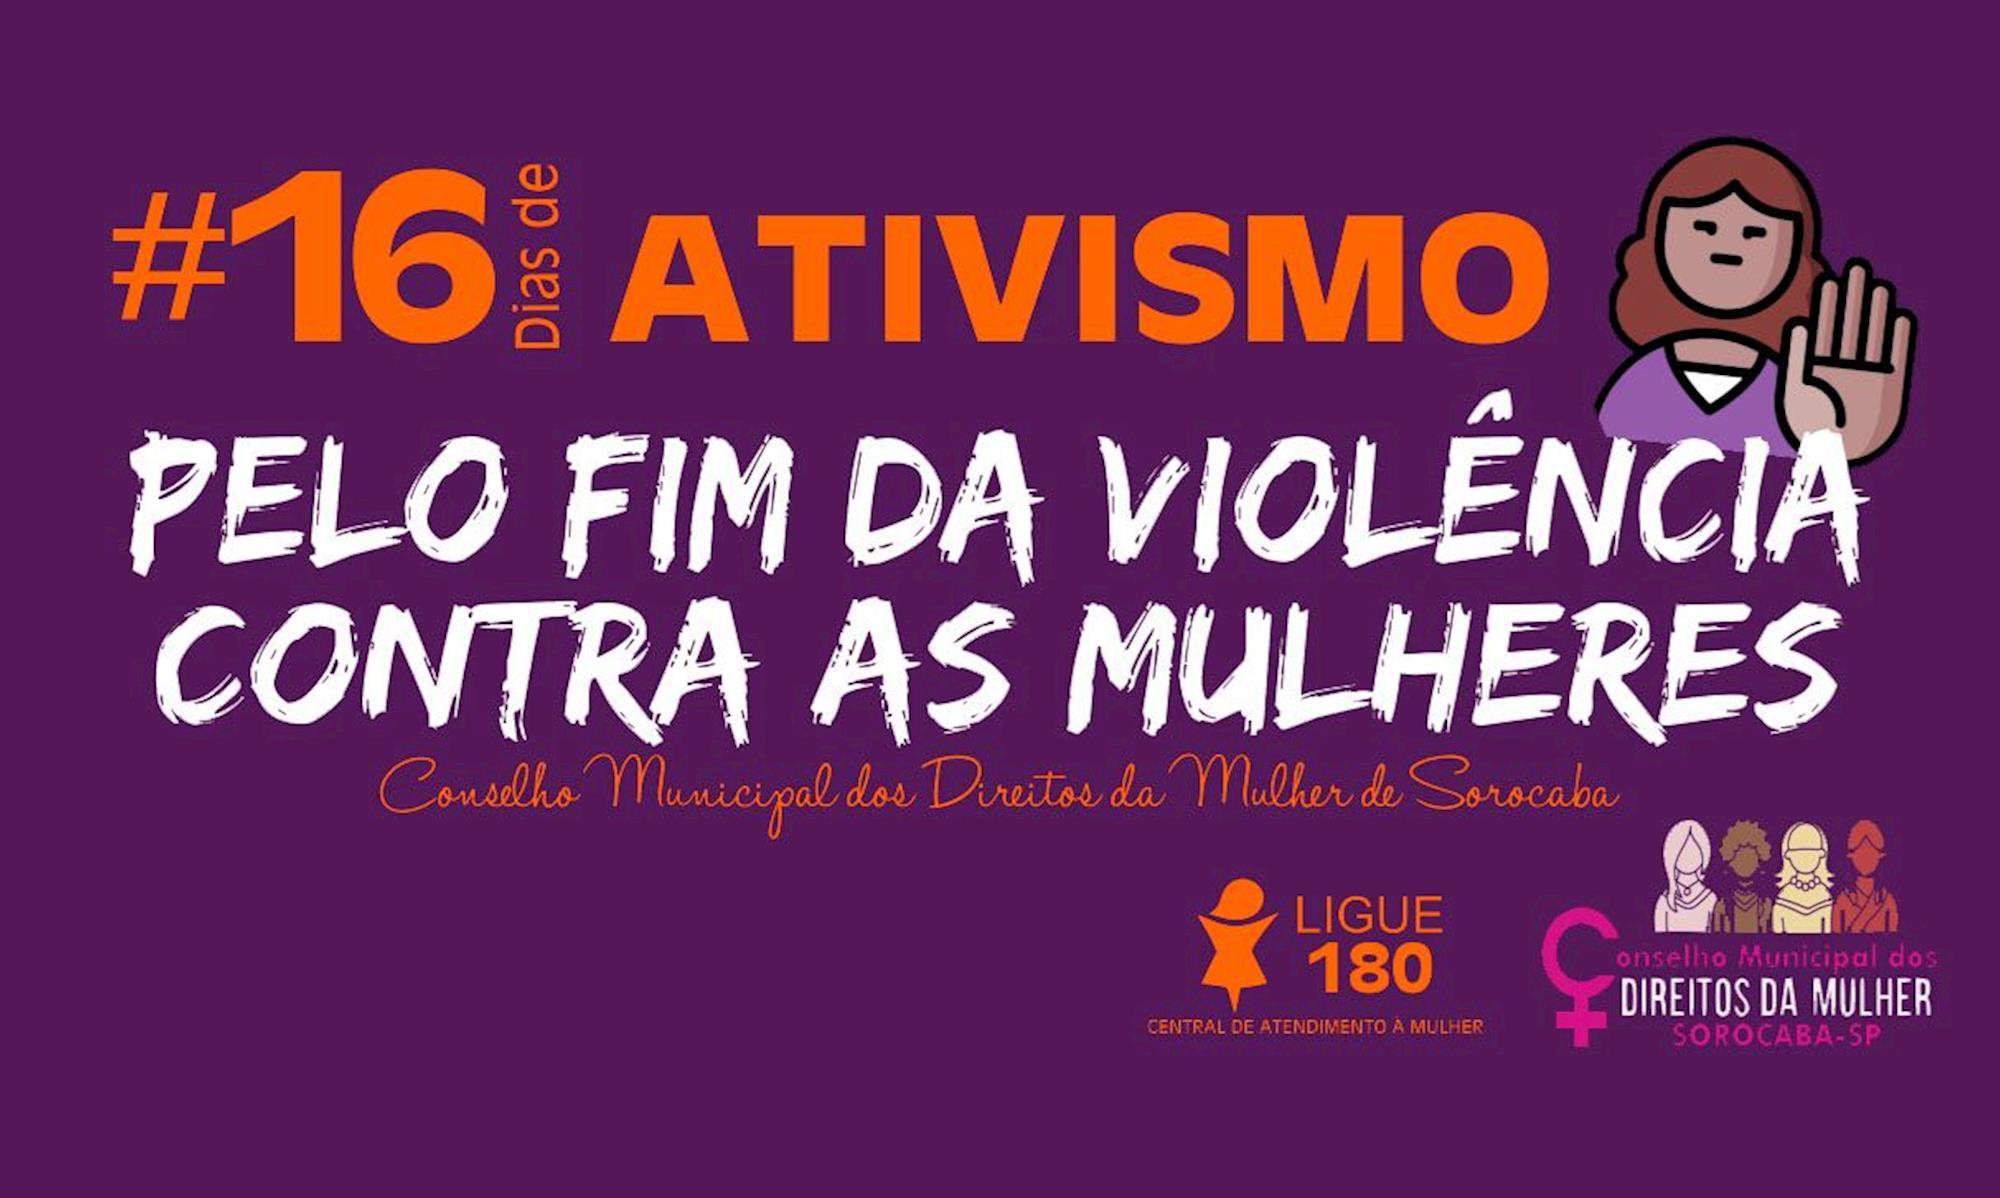 divulgação, mulher, campanha, violência, ativismo, Divulgação